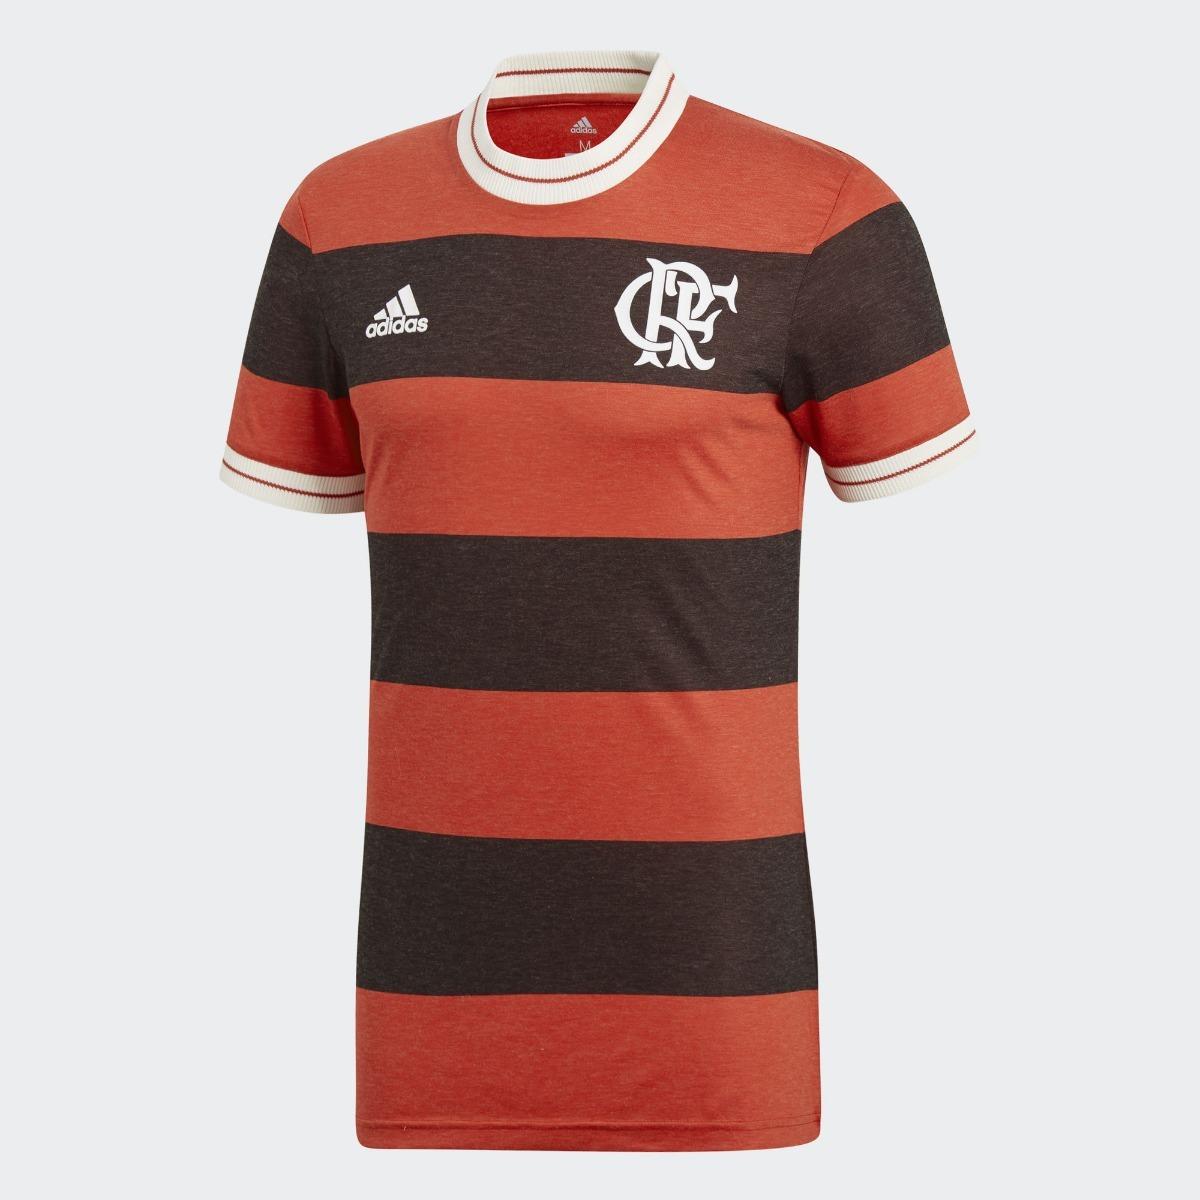 Camisa Flamengo Casual Original Torcedor - Frete Gratis - R  79 137e9bdb5ff2f